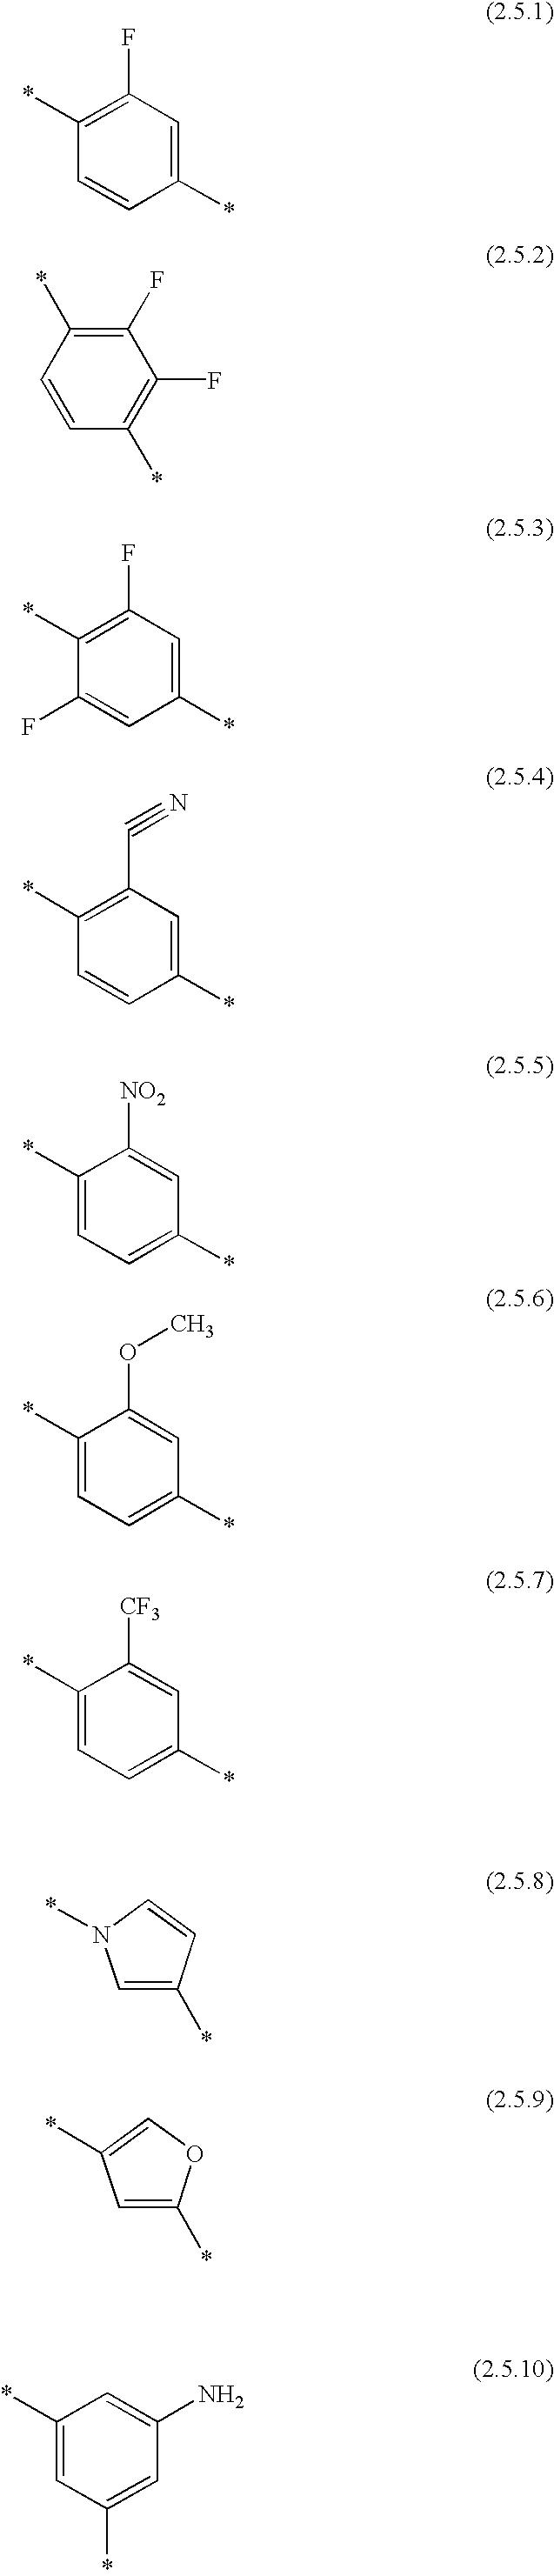 Figure US20020123520A1-20020905-C00179